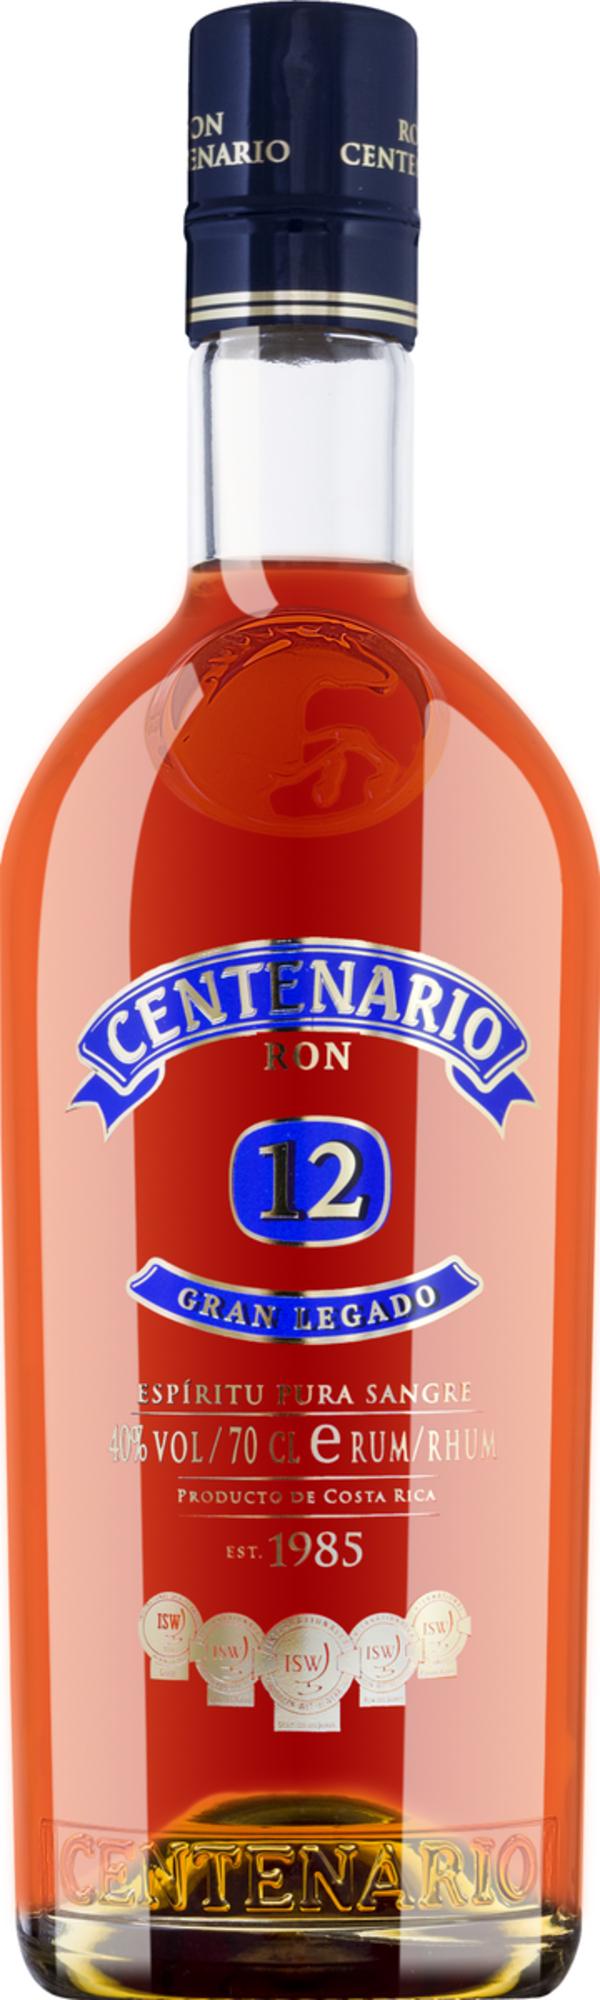 Ron Centenario Gran Legado Rum 12 Jahre   - Rum, Costa Rica, trocken, 0,7l